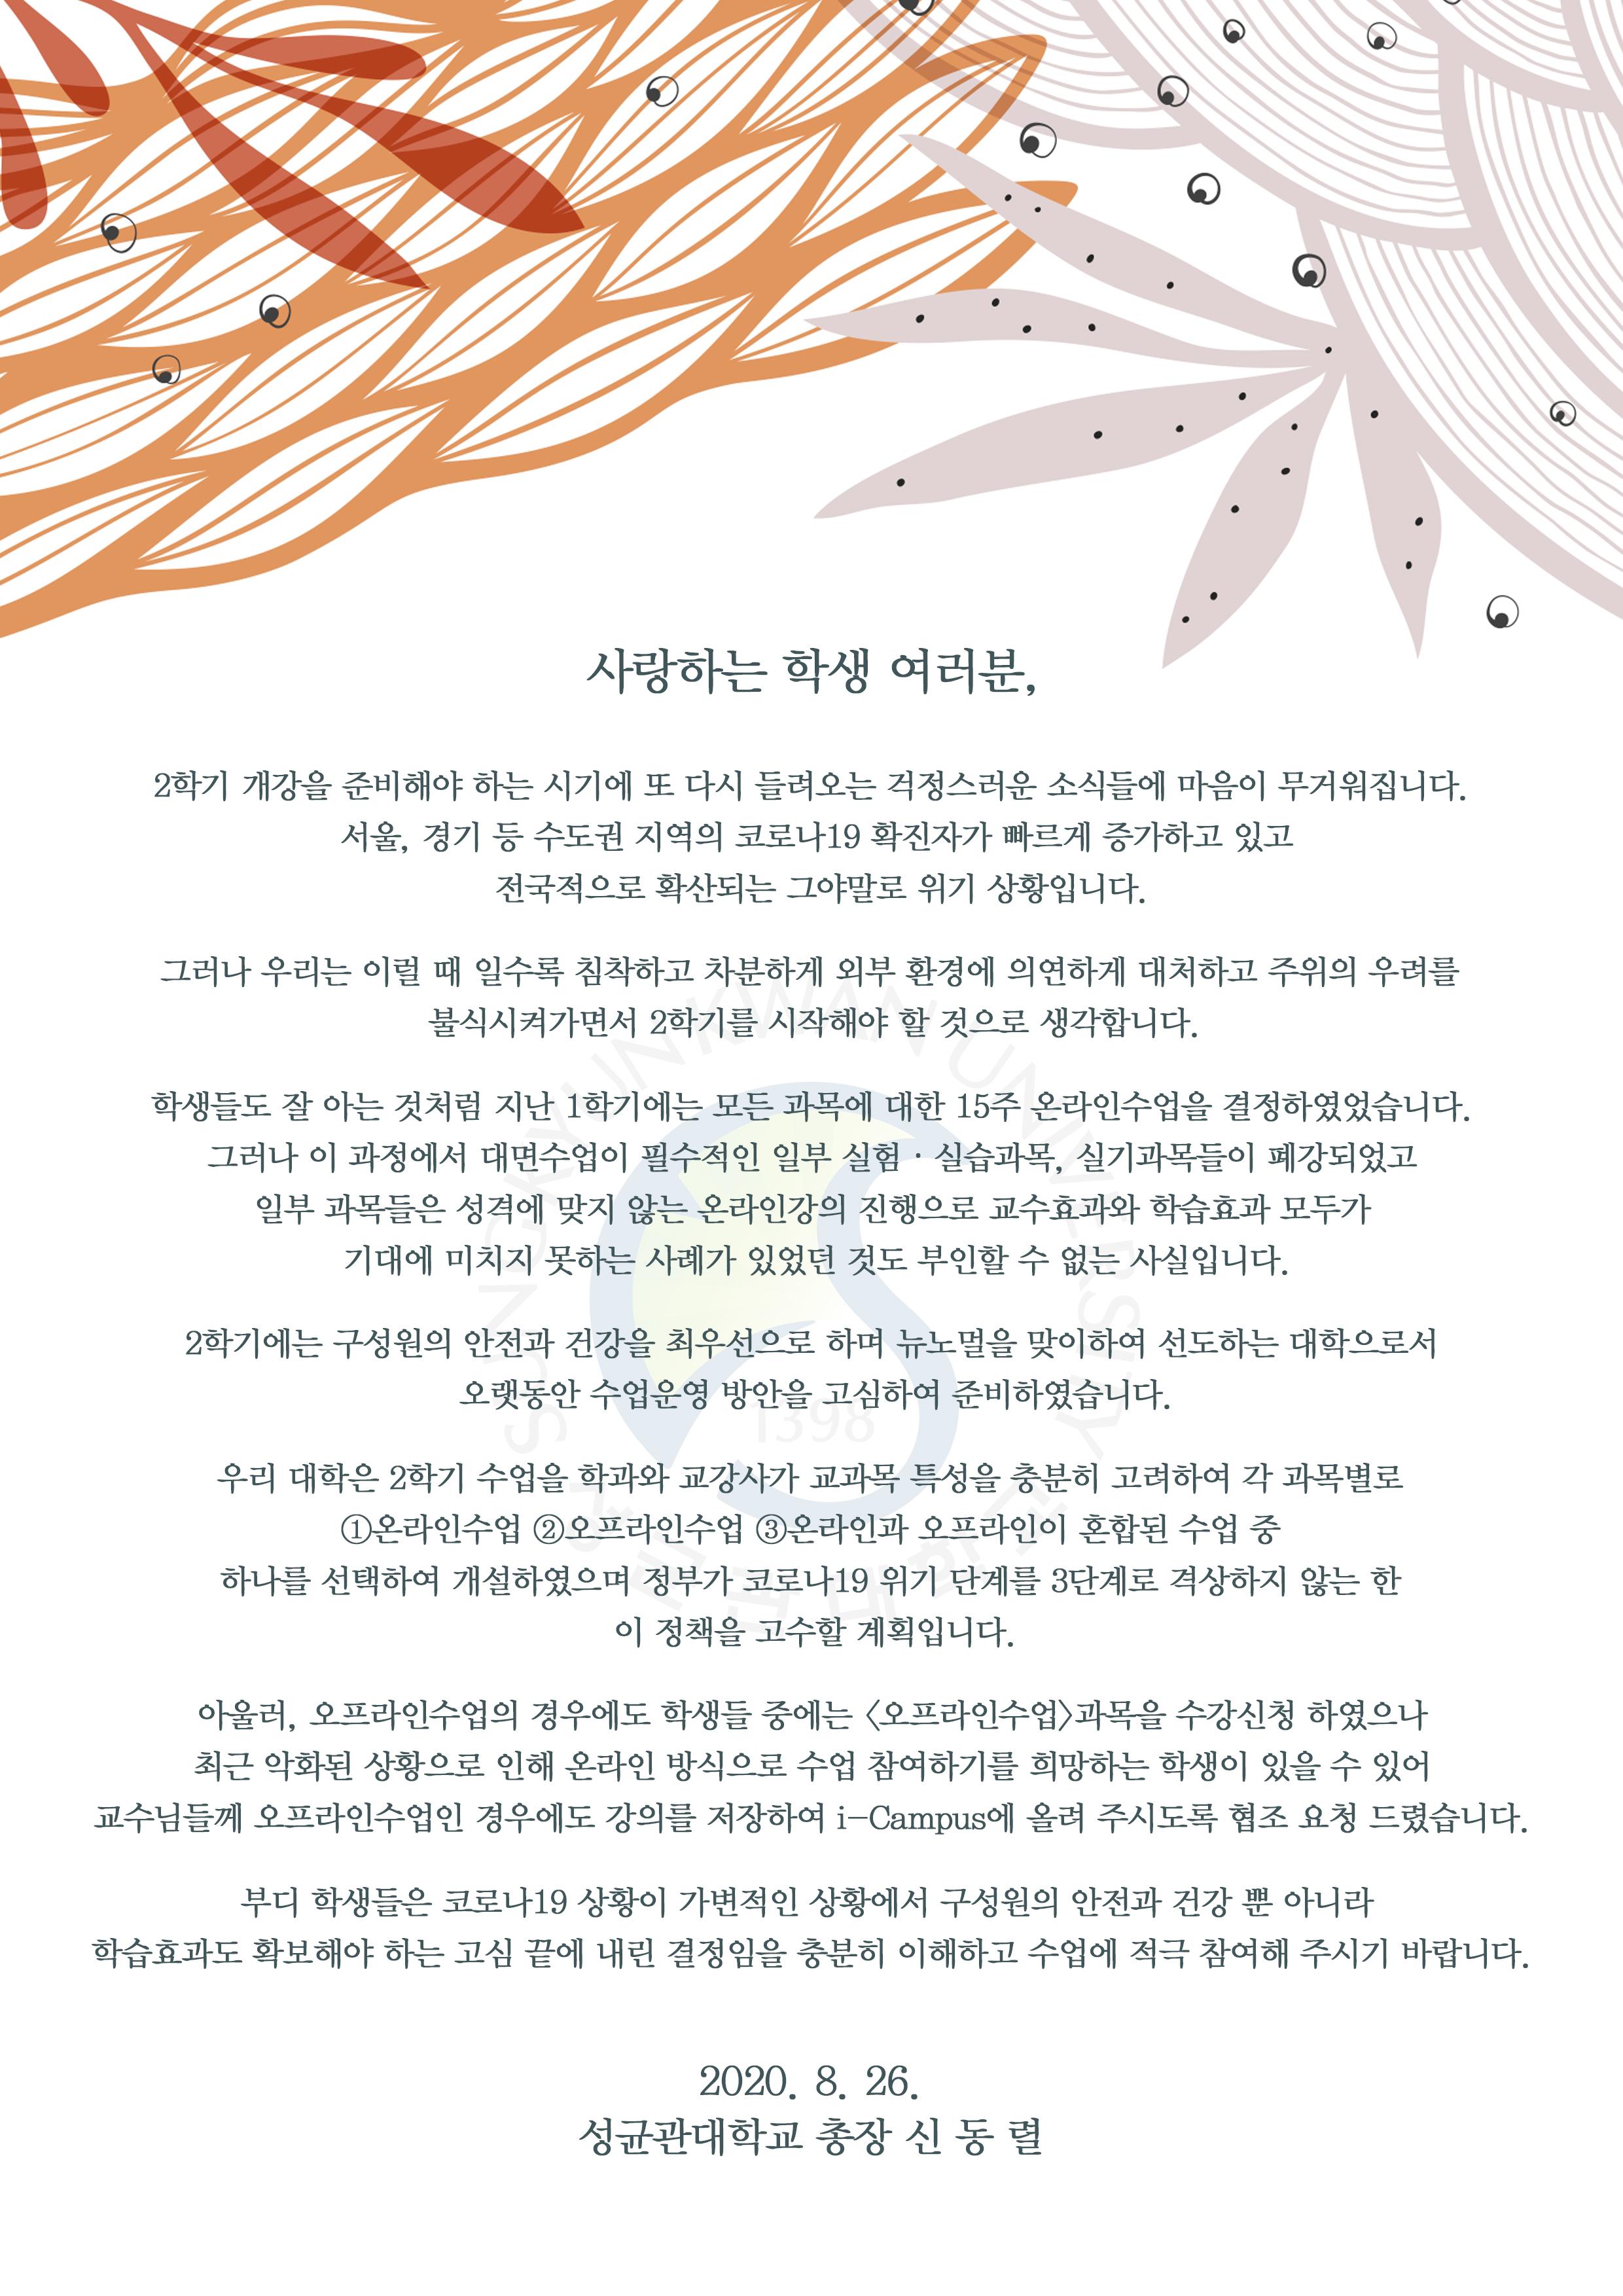 총장님레터_학생용